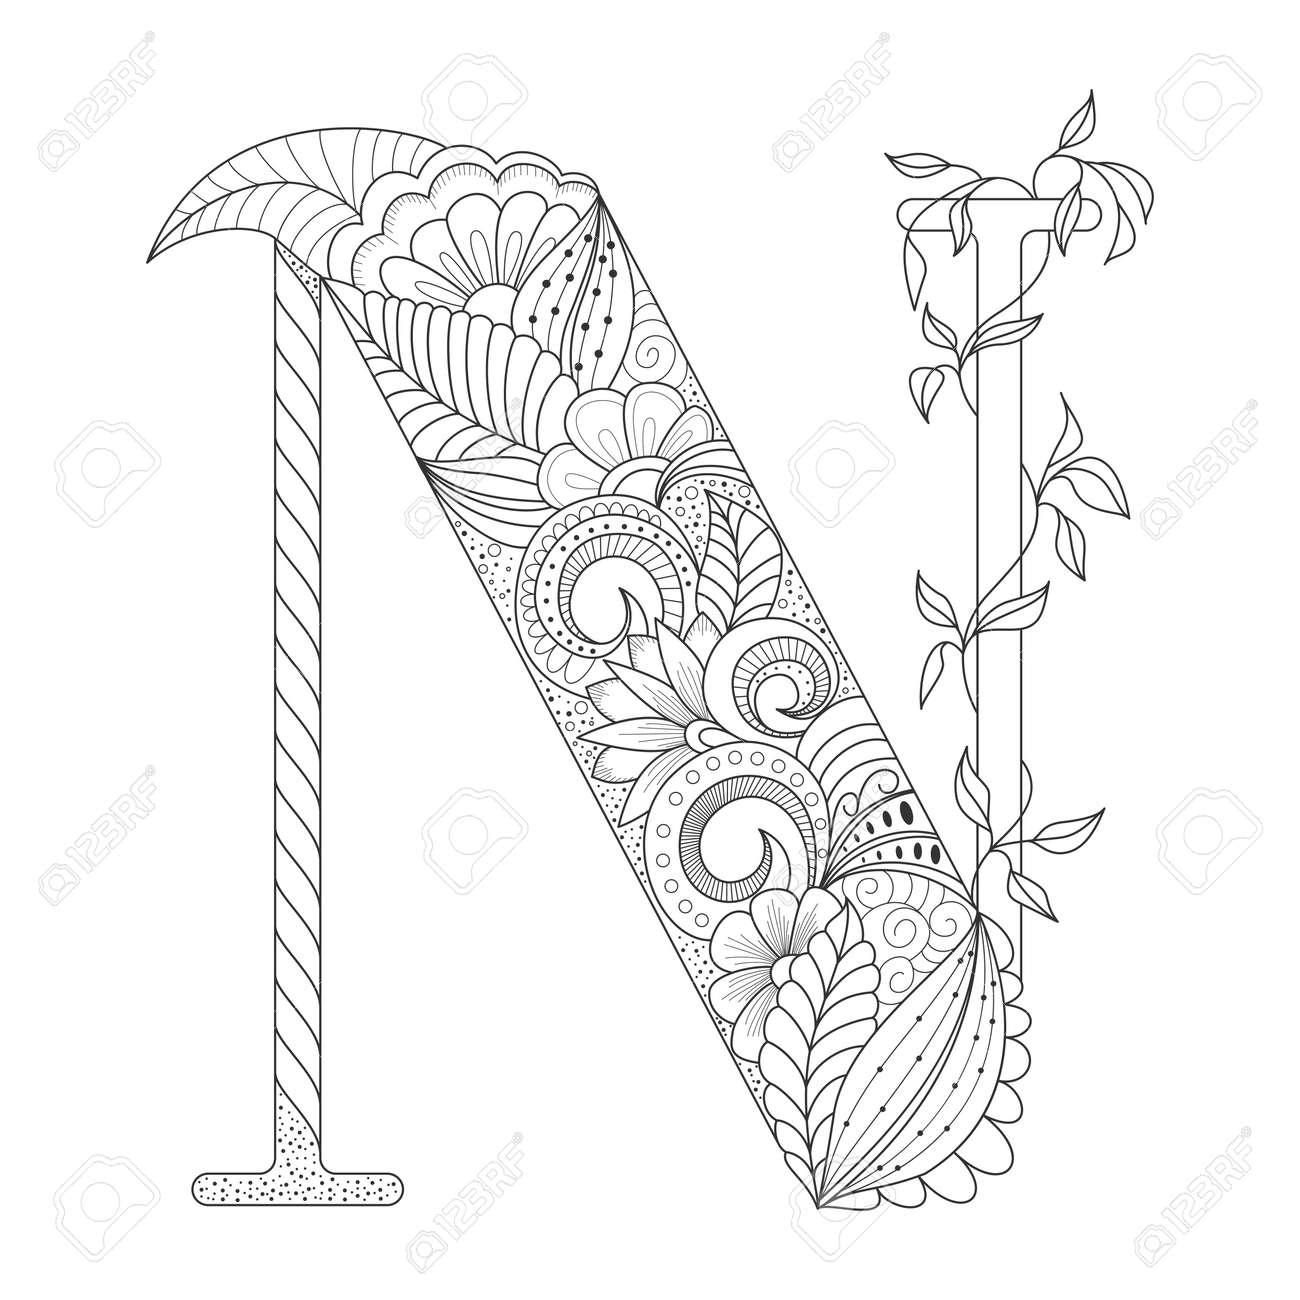 Línea De Negro Letra N Con Adornos Florales Del Doodle Dibujo Para Colorear Ilustración Vectorial Para Tatuaje Elemento Decorativo